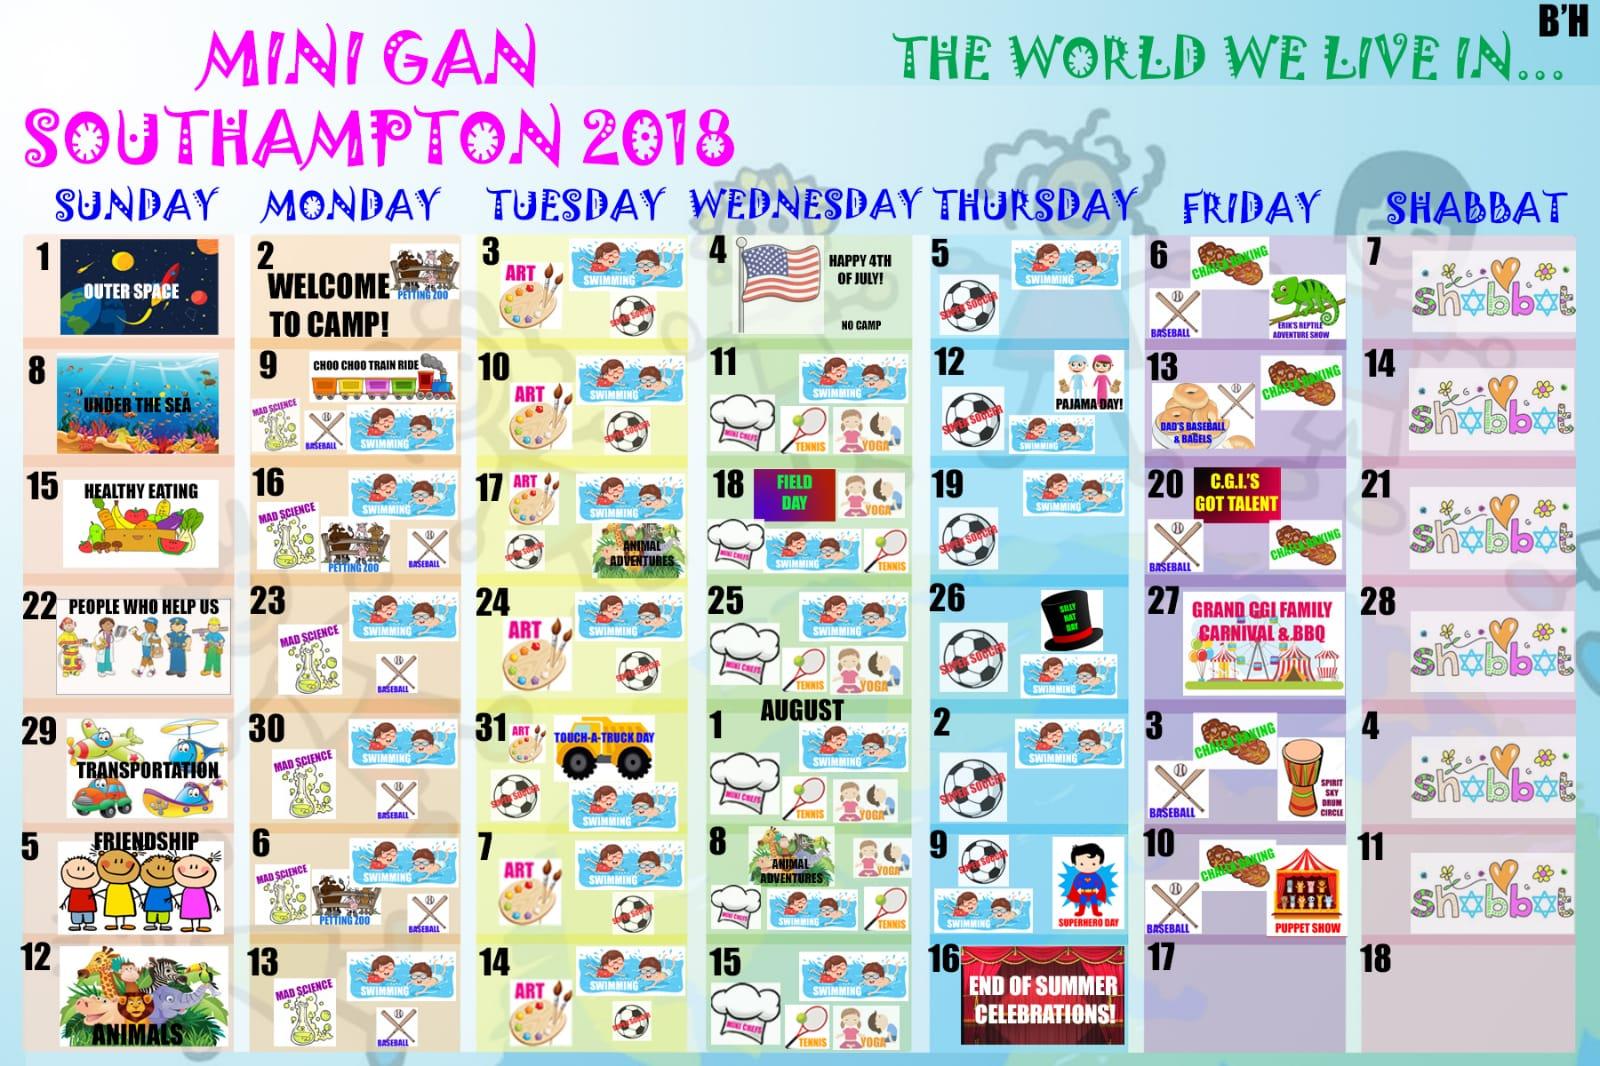 Mini Gan Calendar 2015 promo.jpg